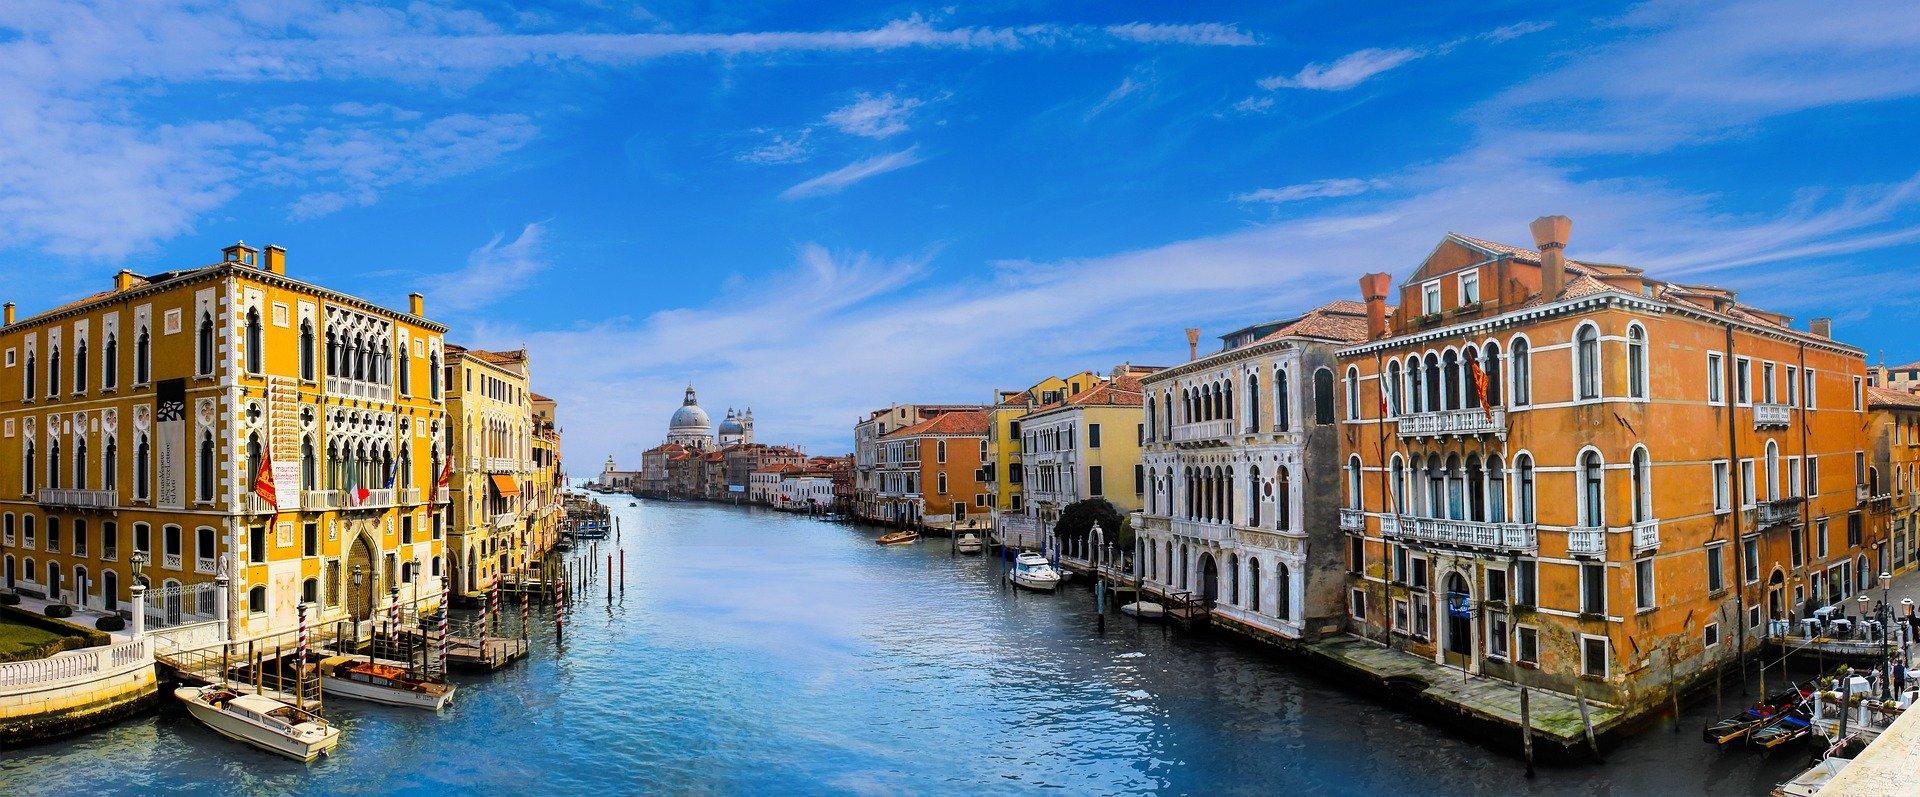 Хотите жить в Италии, но останавливают налоги?